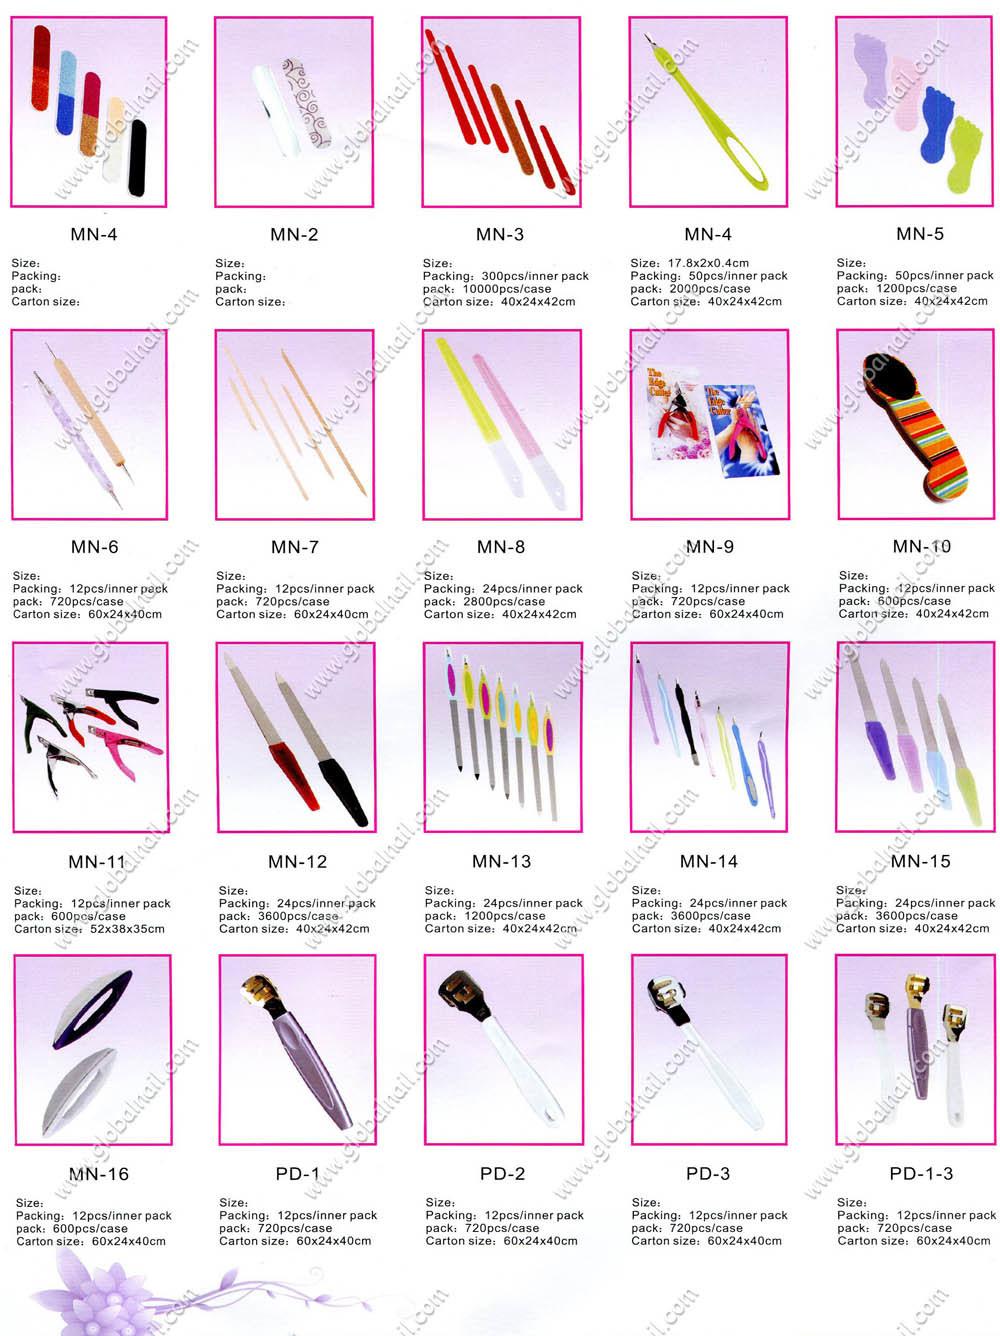 Tools For Nail